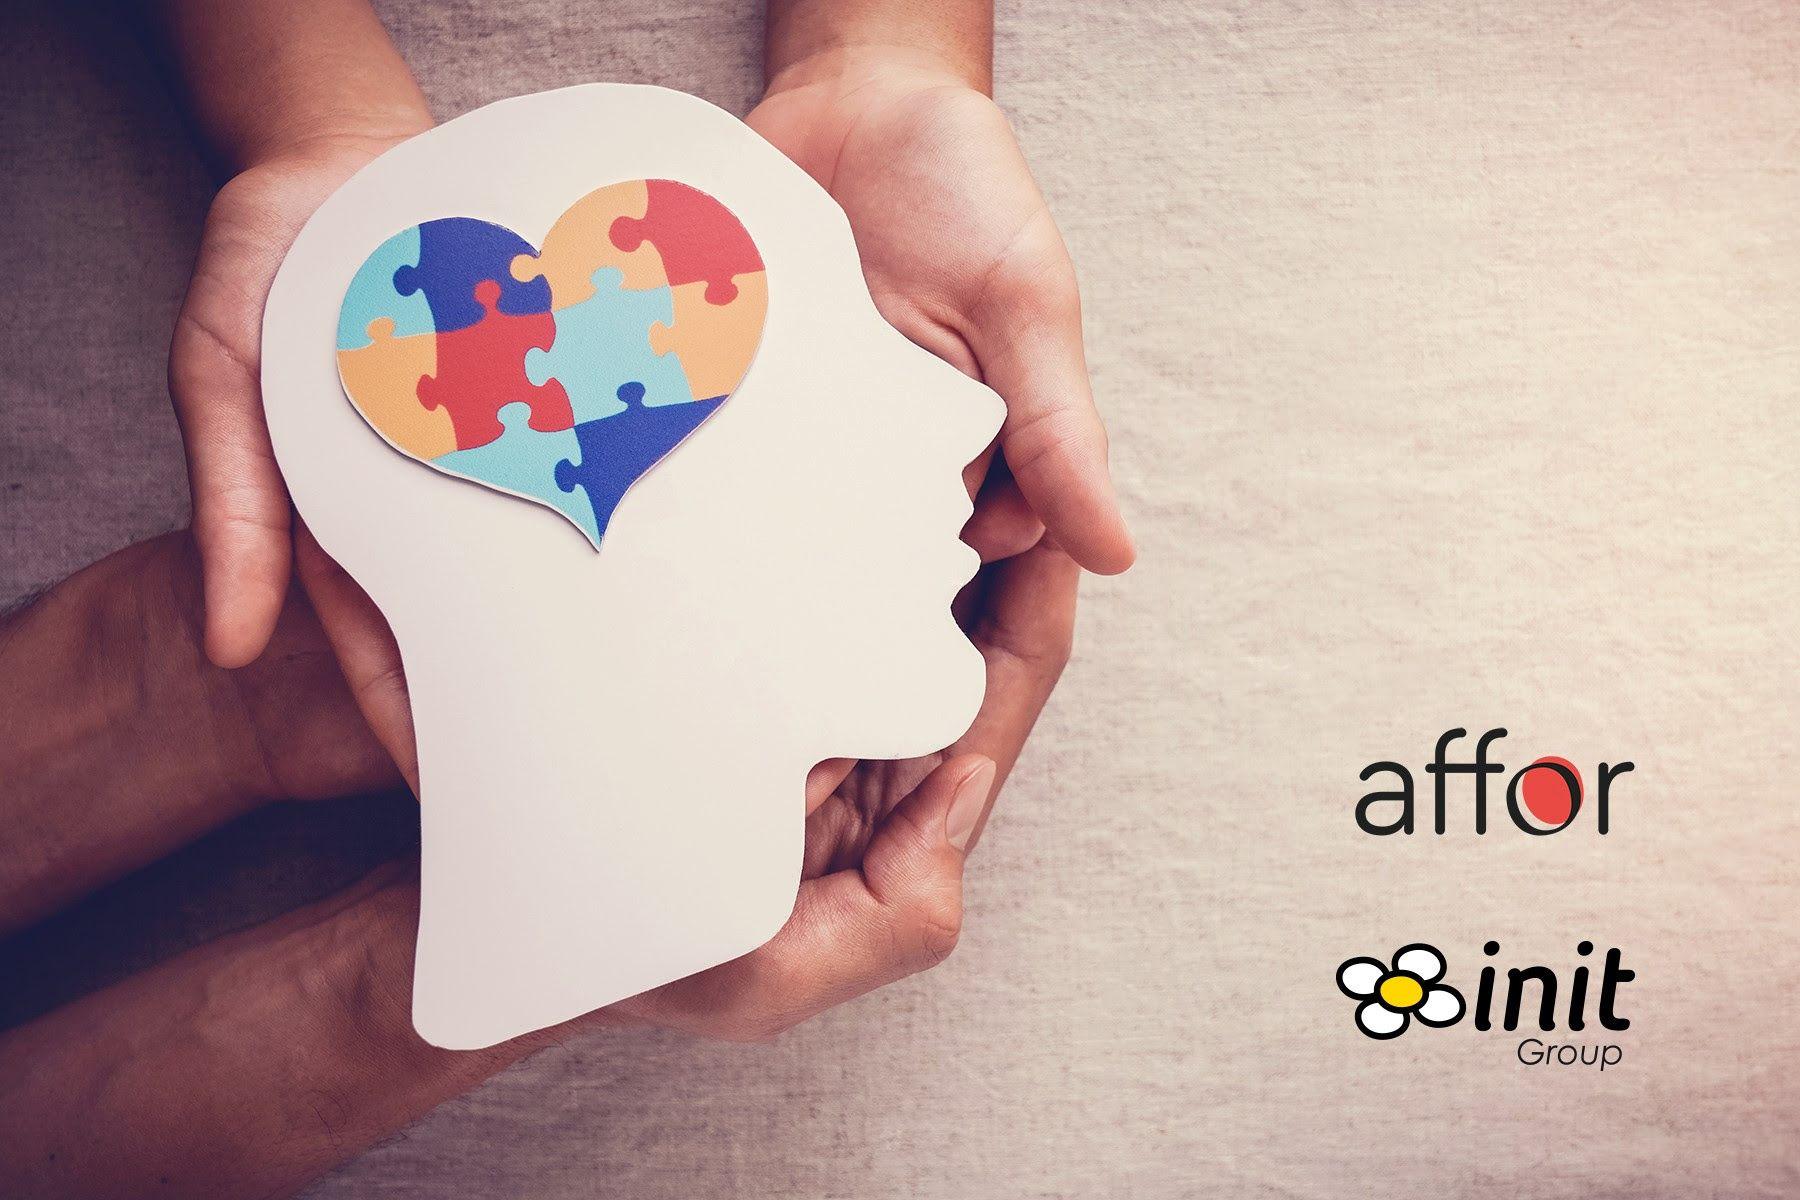 Affor y Grupo Init se unen para crear soluciones tecnológicas en el ámbito de la salud emocional